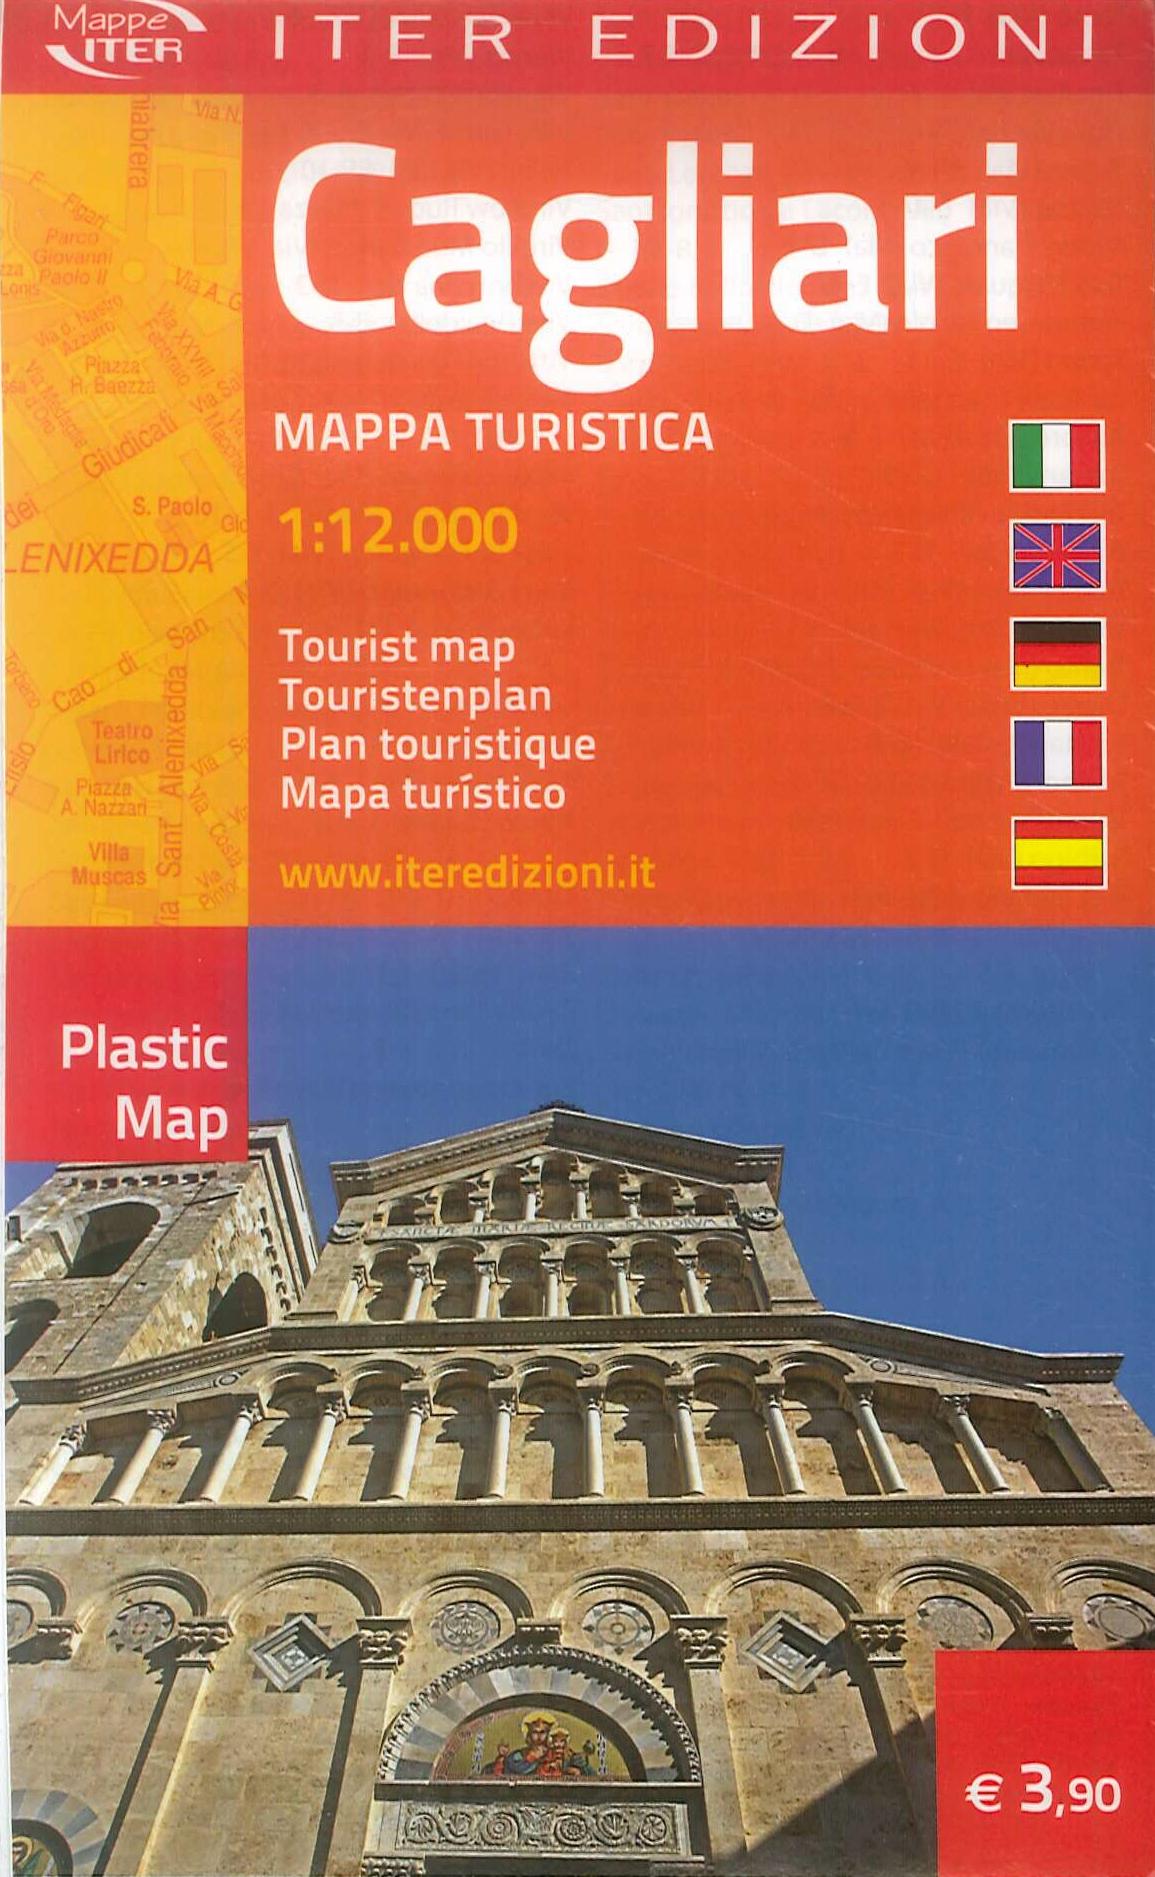 Cagliari. Mappa turistica. 1: 12.000